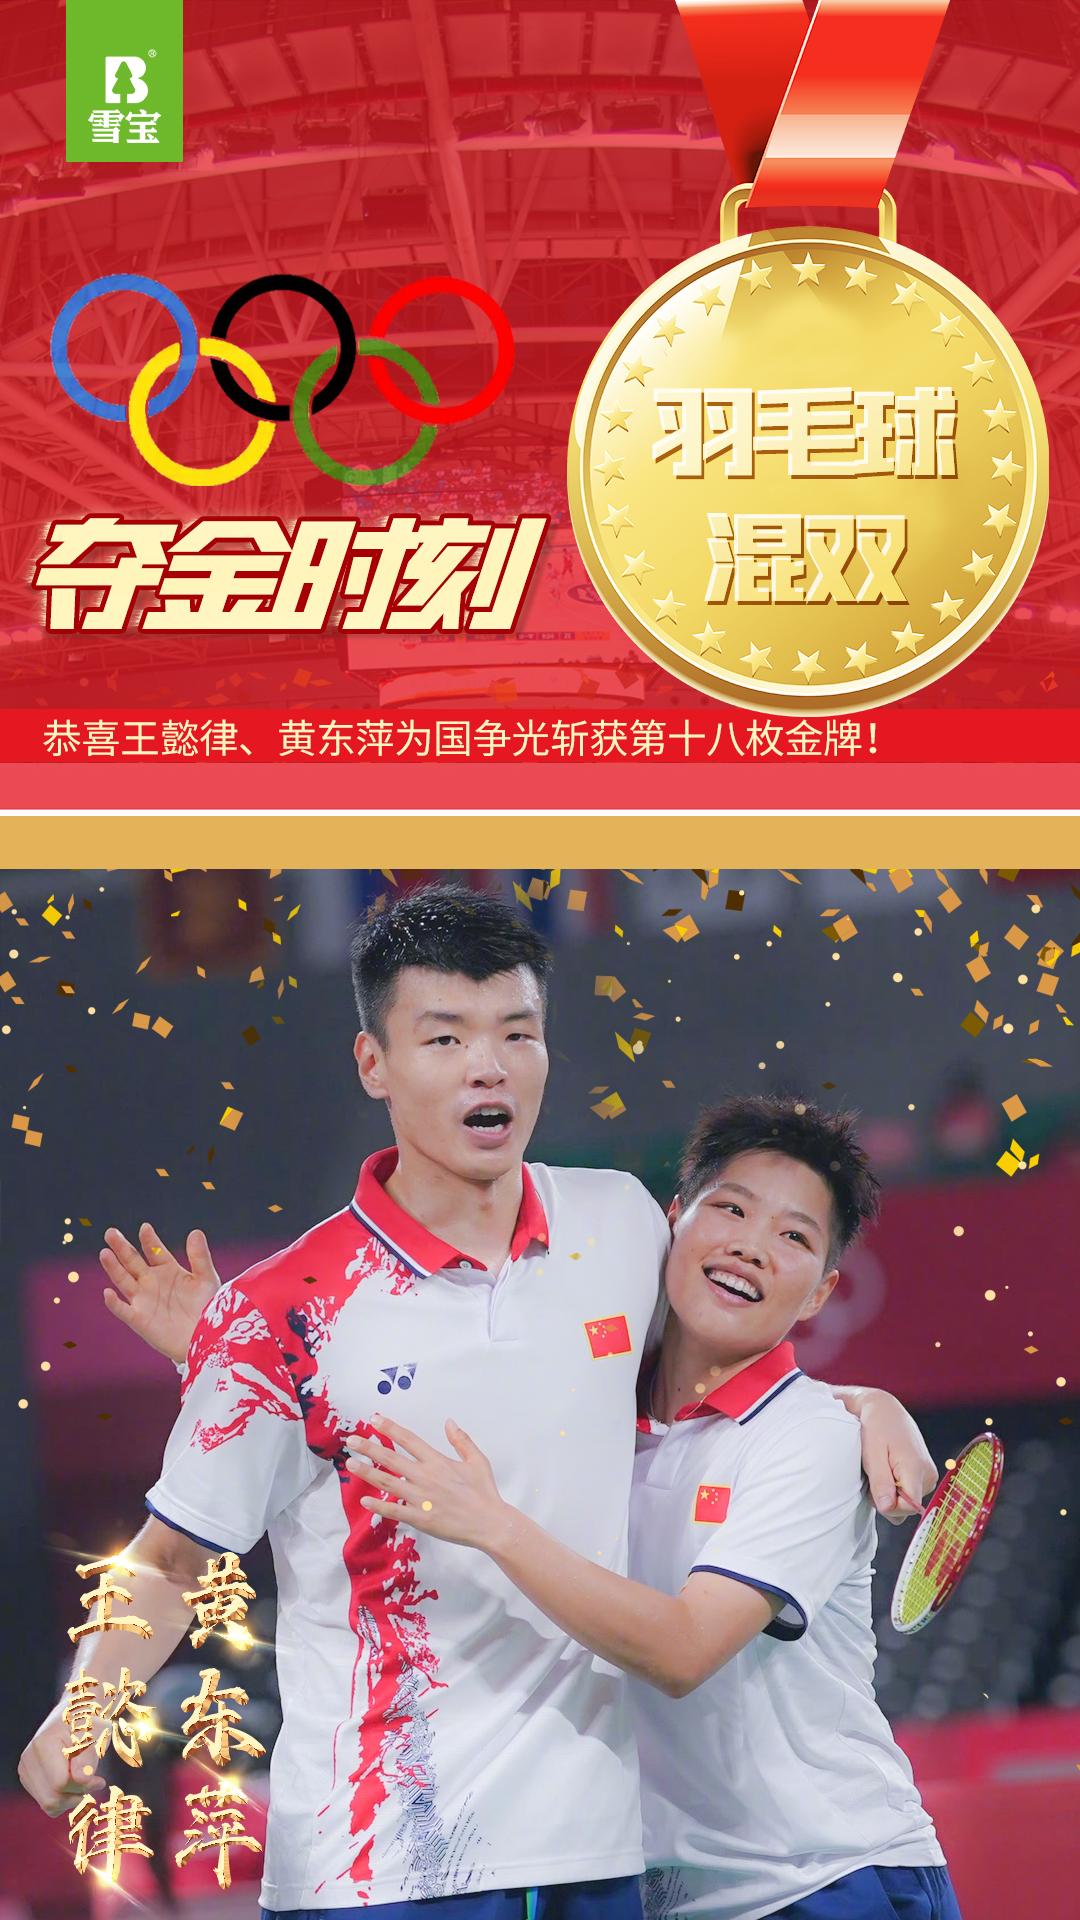 王懿律和黄东萍羽毛球混双冠军